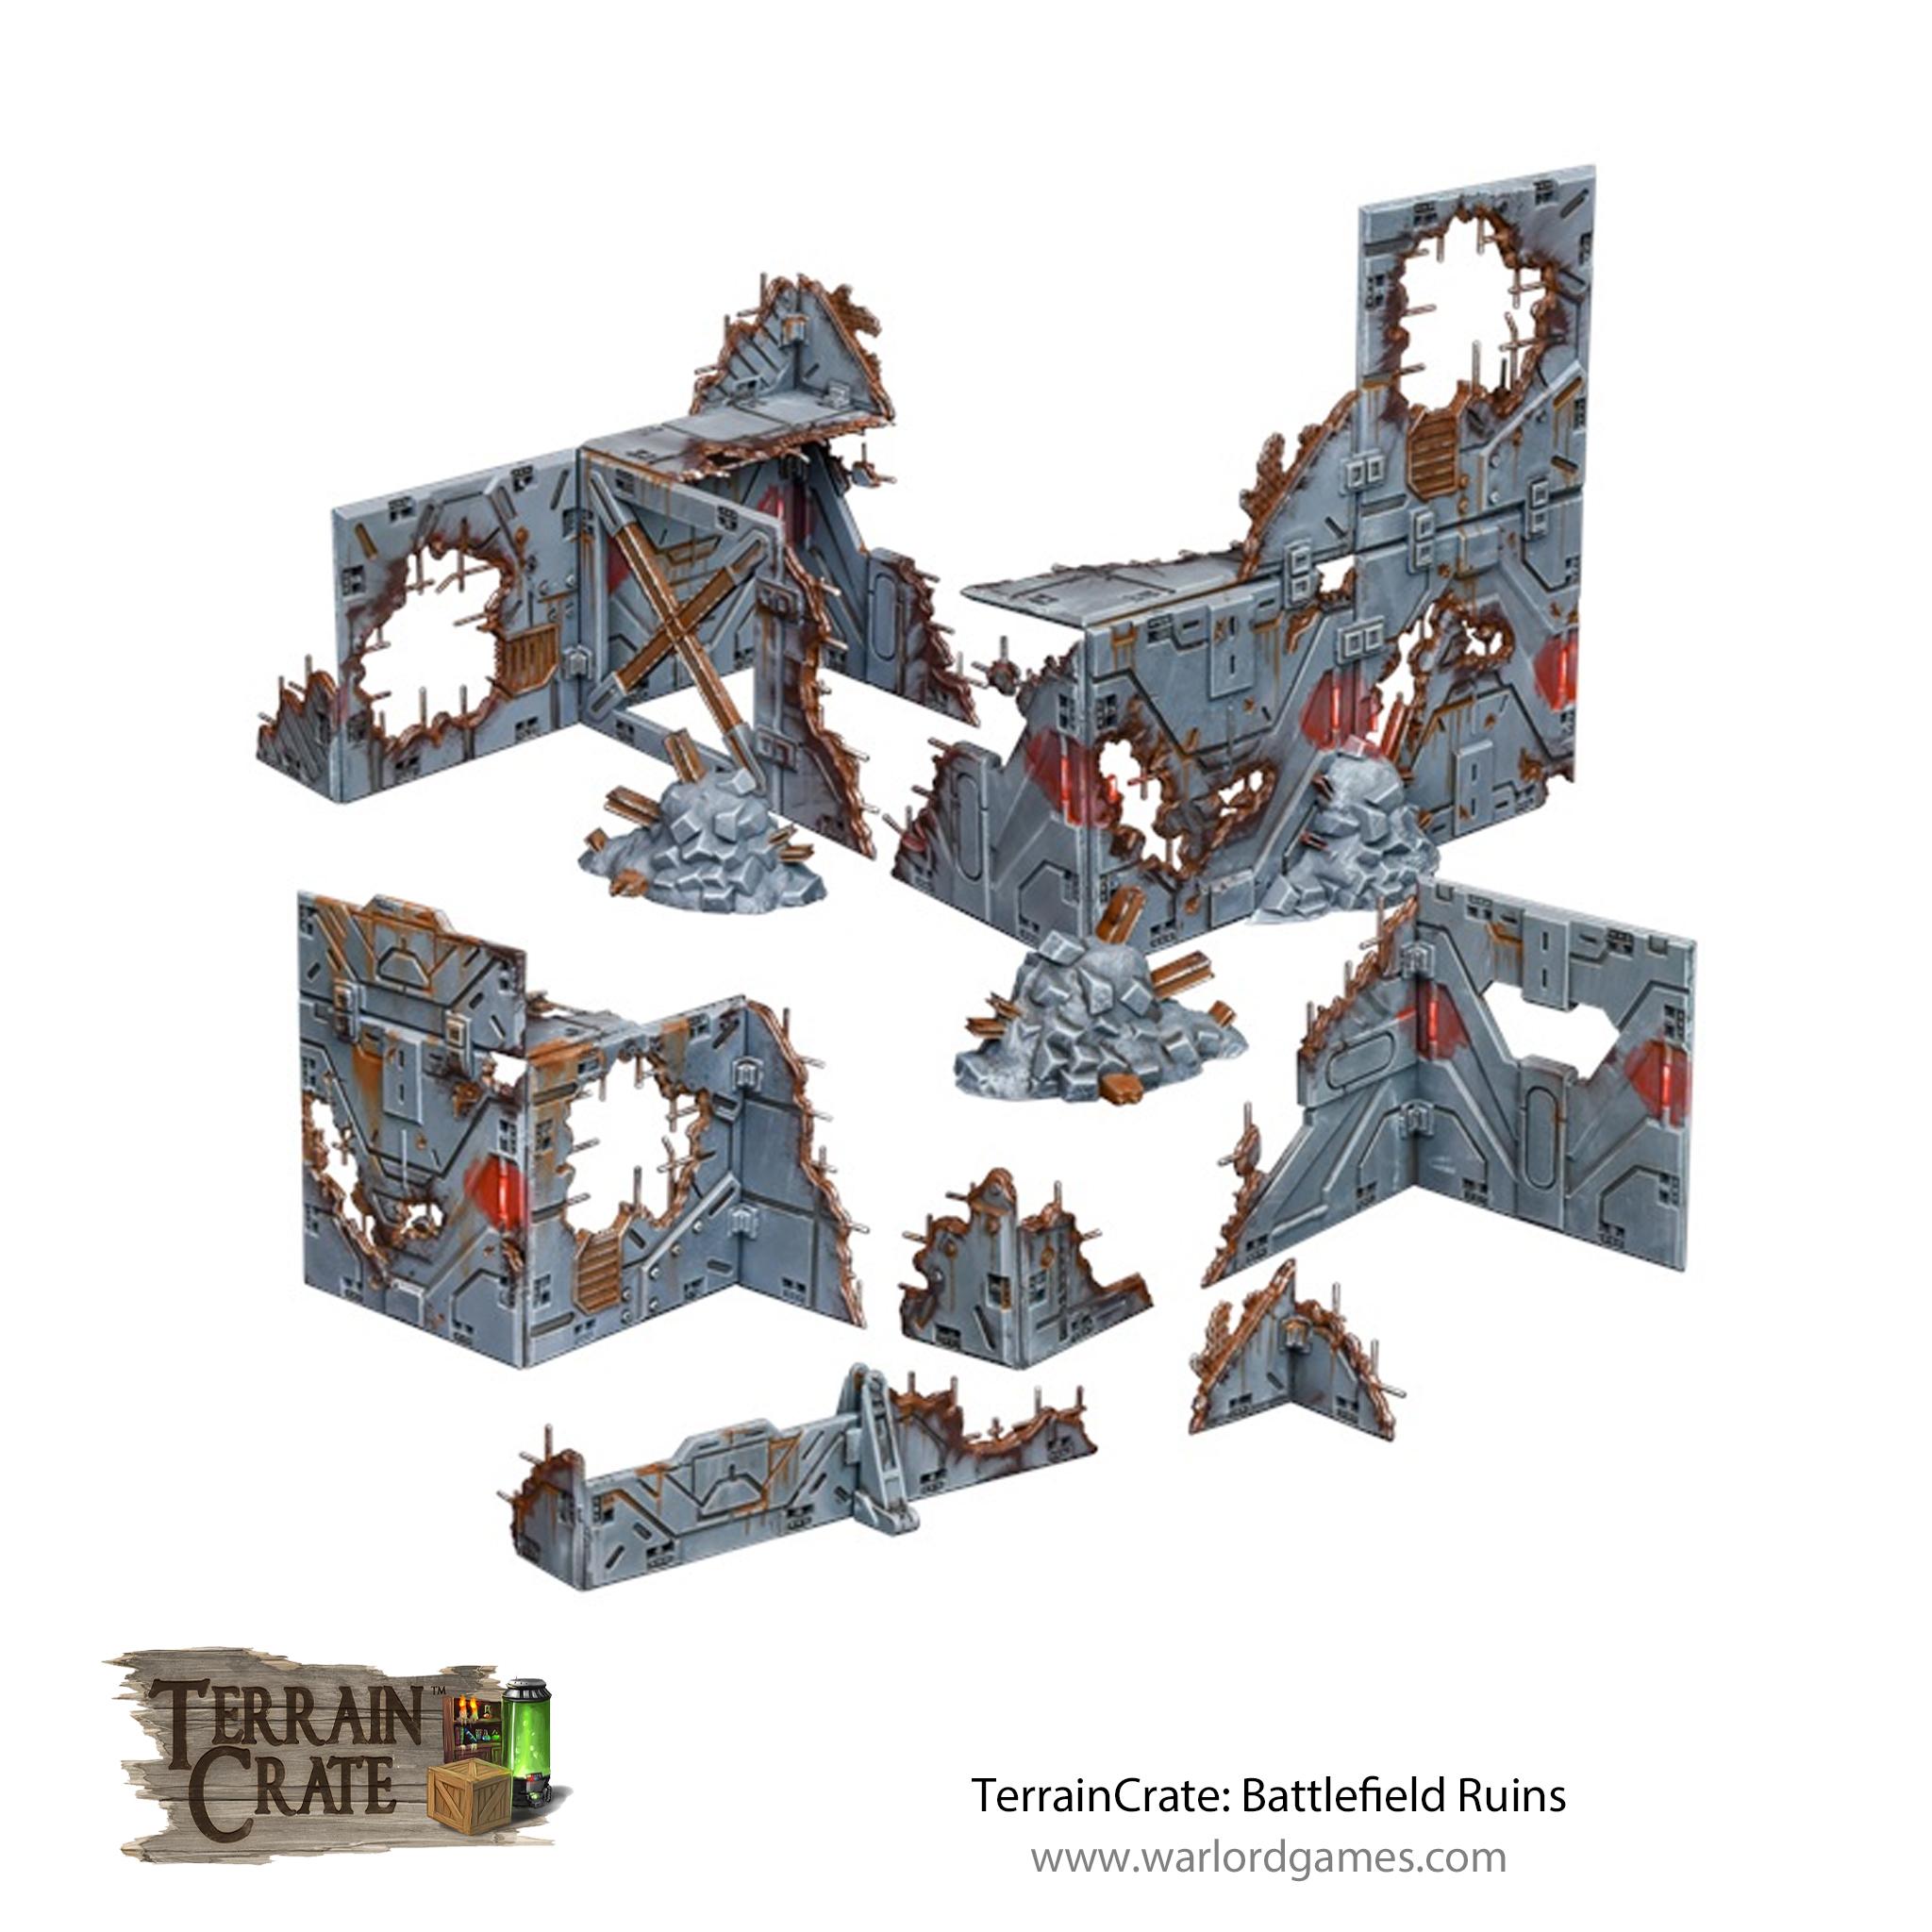 Battlefield Ruins